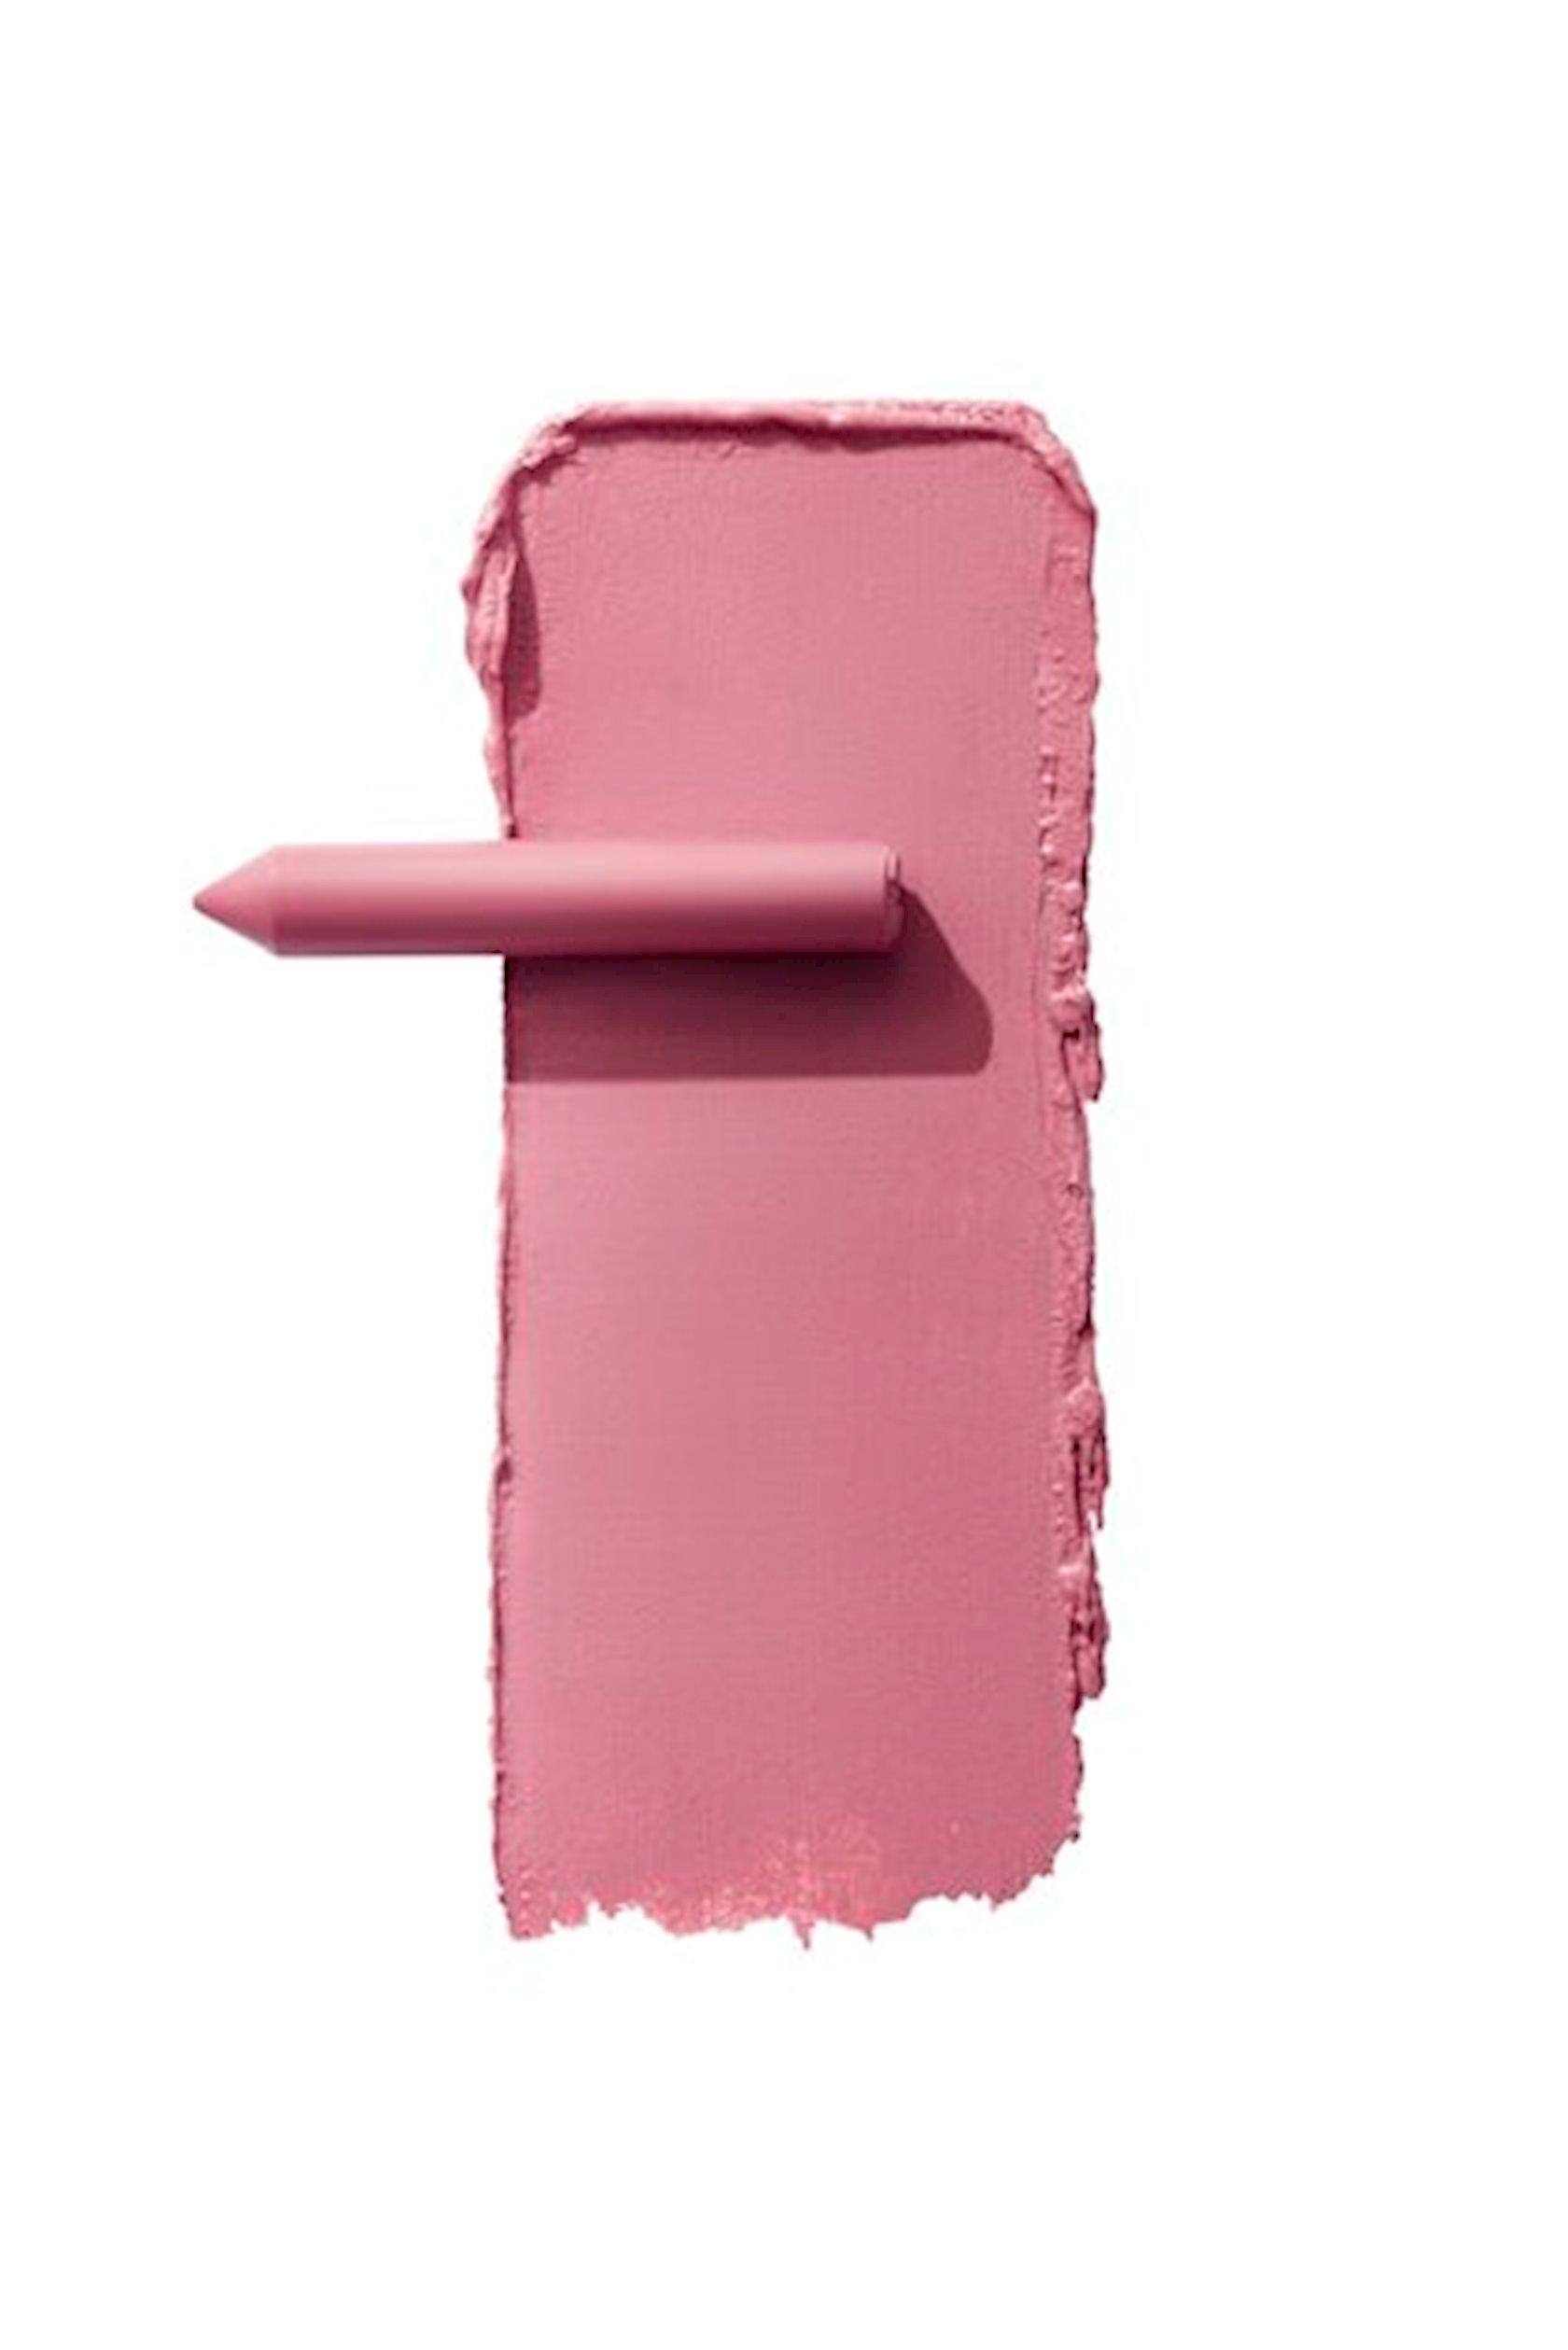 Pomada-qələm Maybelline New York Super Stay Ink Crayon çalar 30 Seek Adventure